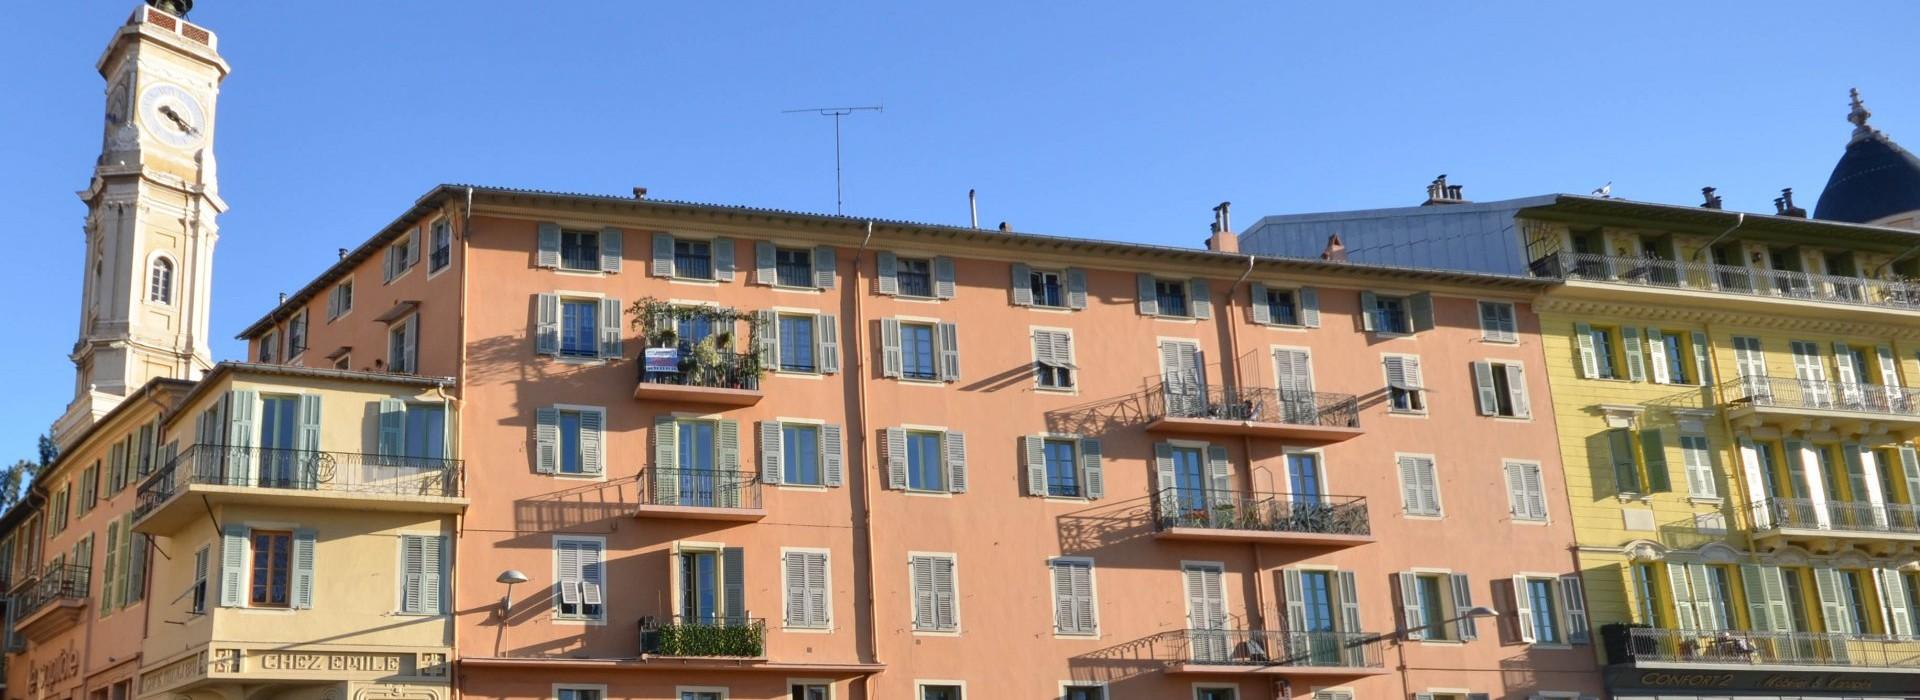 Appartement Nice 3 Pièces 67m2 368,000€